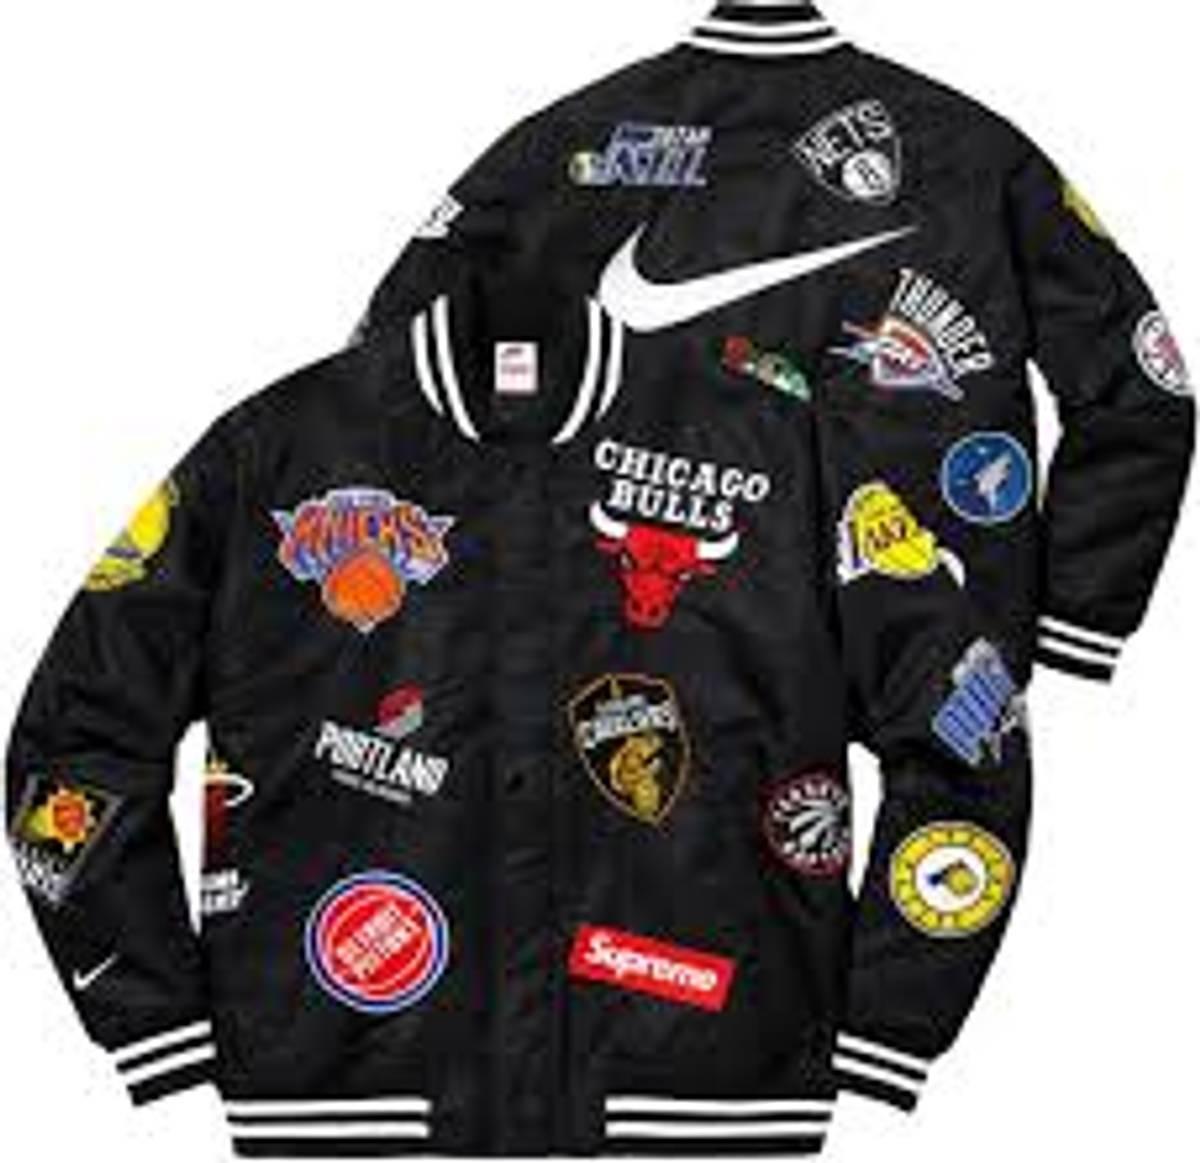 versus Sociedad insecto  Supreme Supreme Nike/nba Teams Warmup Jacket Black | Grailed